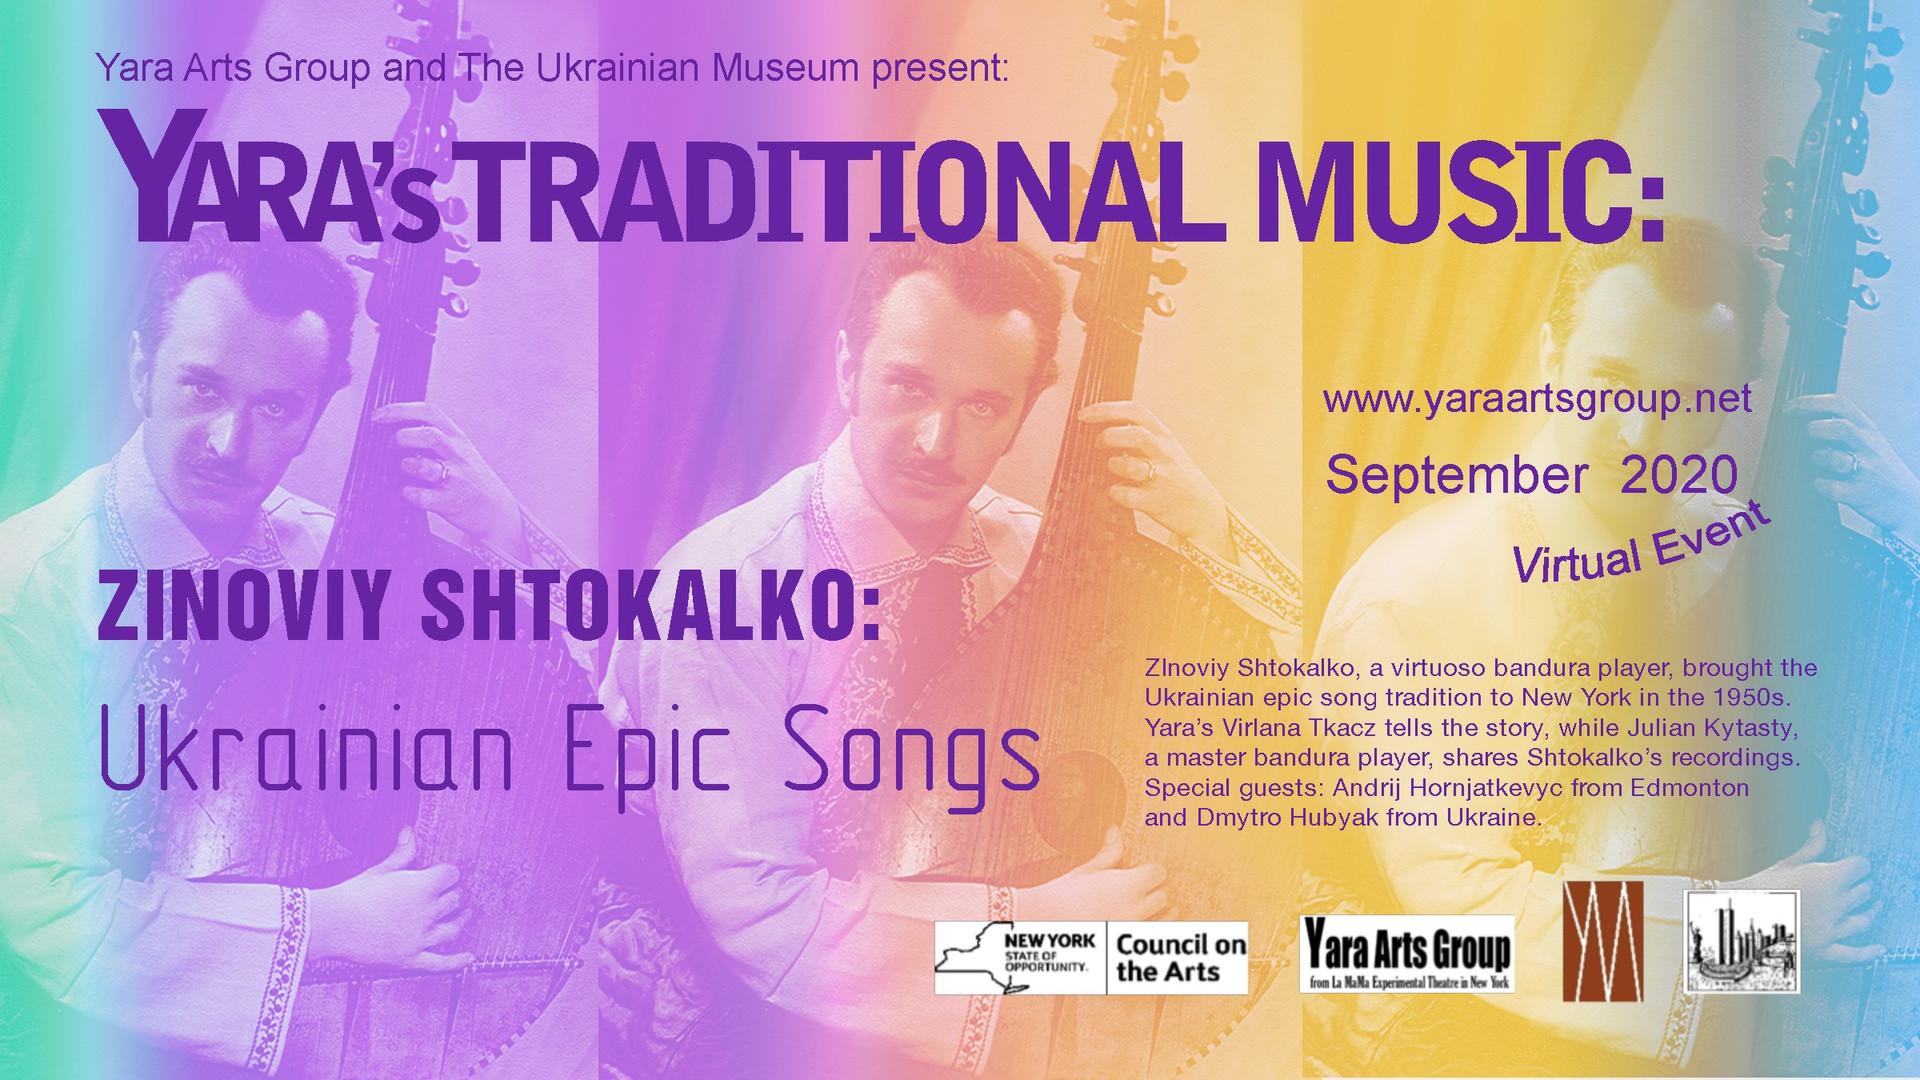 Epics-poster-Shtokalko-Epics_____03-corr